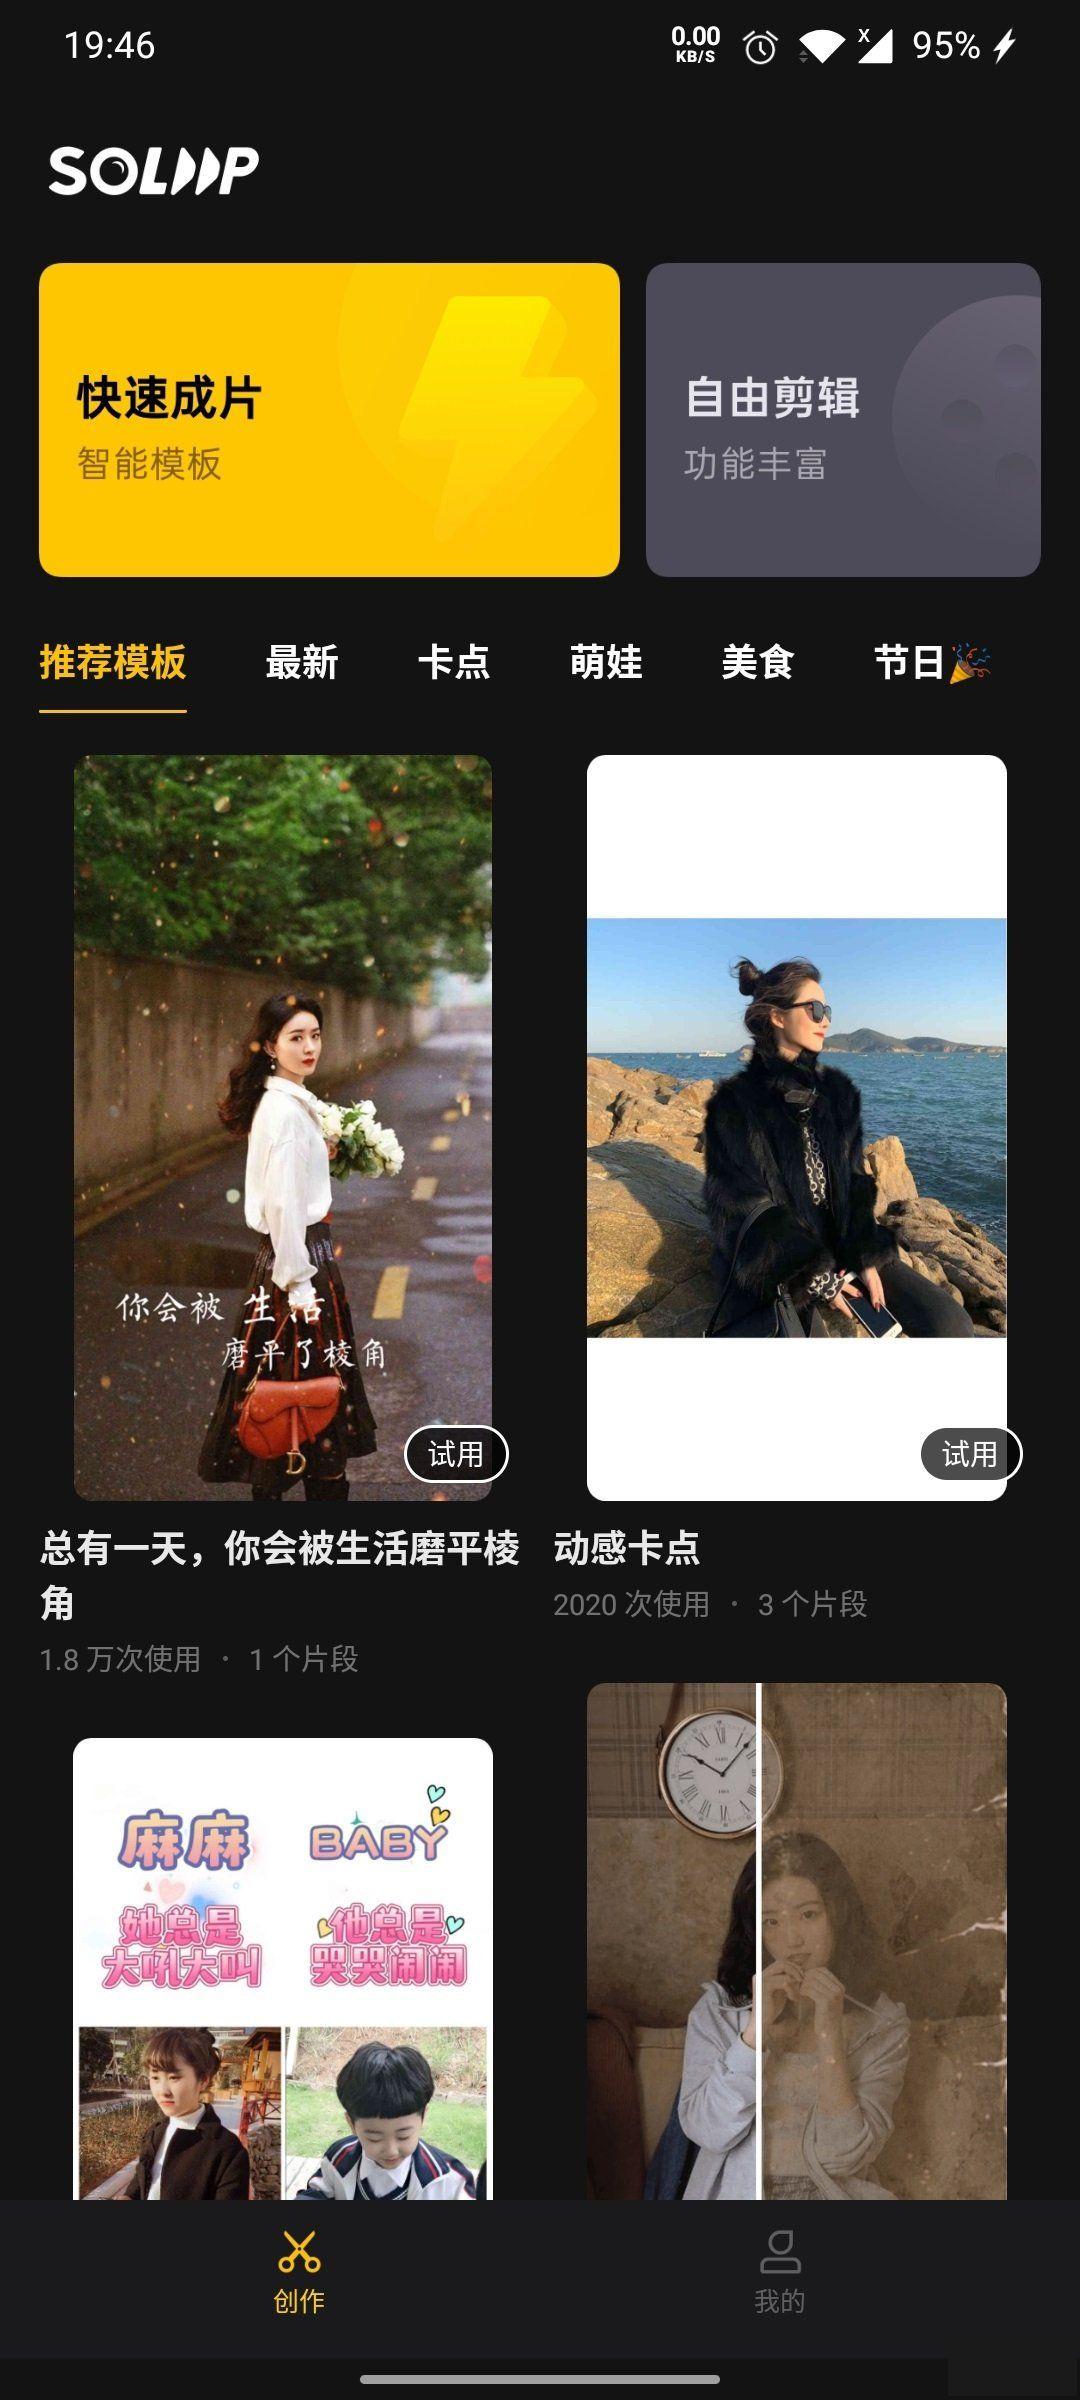 【Android】手机视频一键剪辑神器Soloop V1.21.2版-爱资源分享